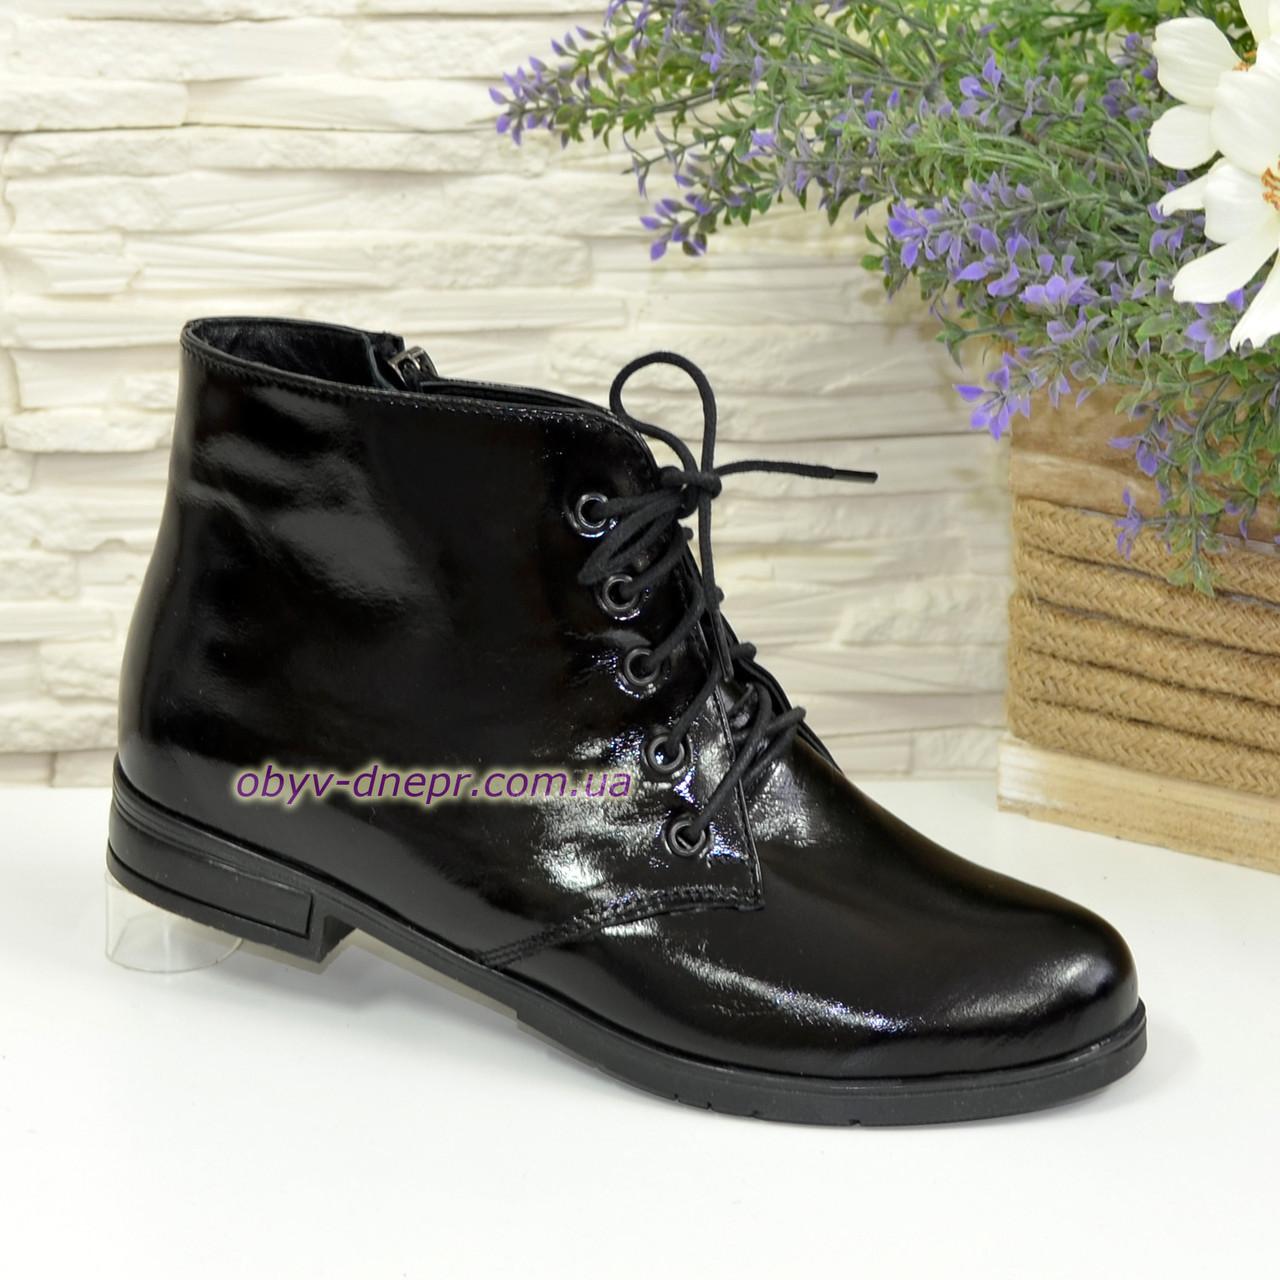 Зимние женские ботинки лаковые на шнуровке